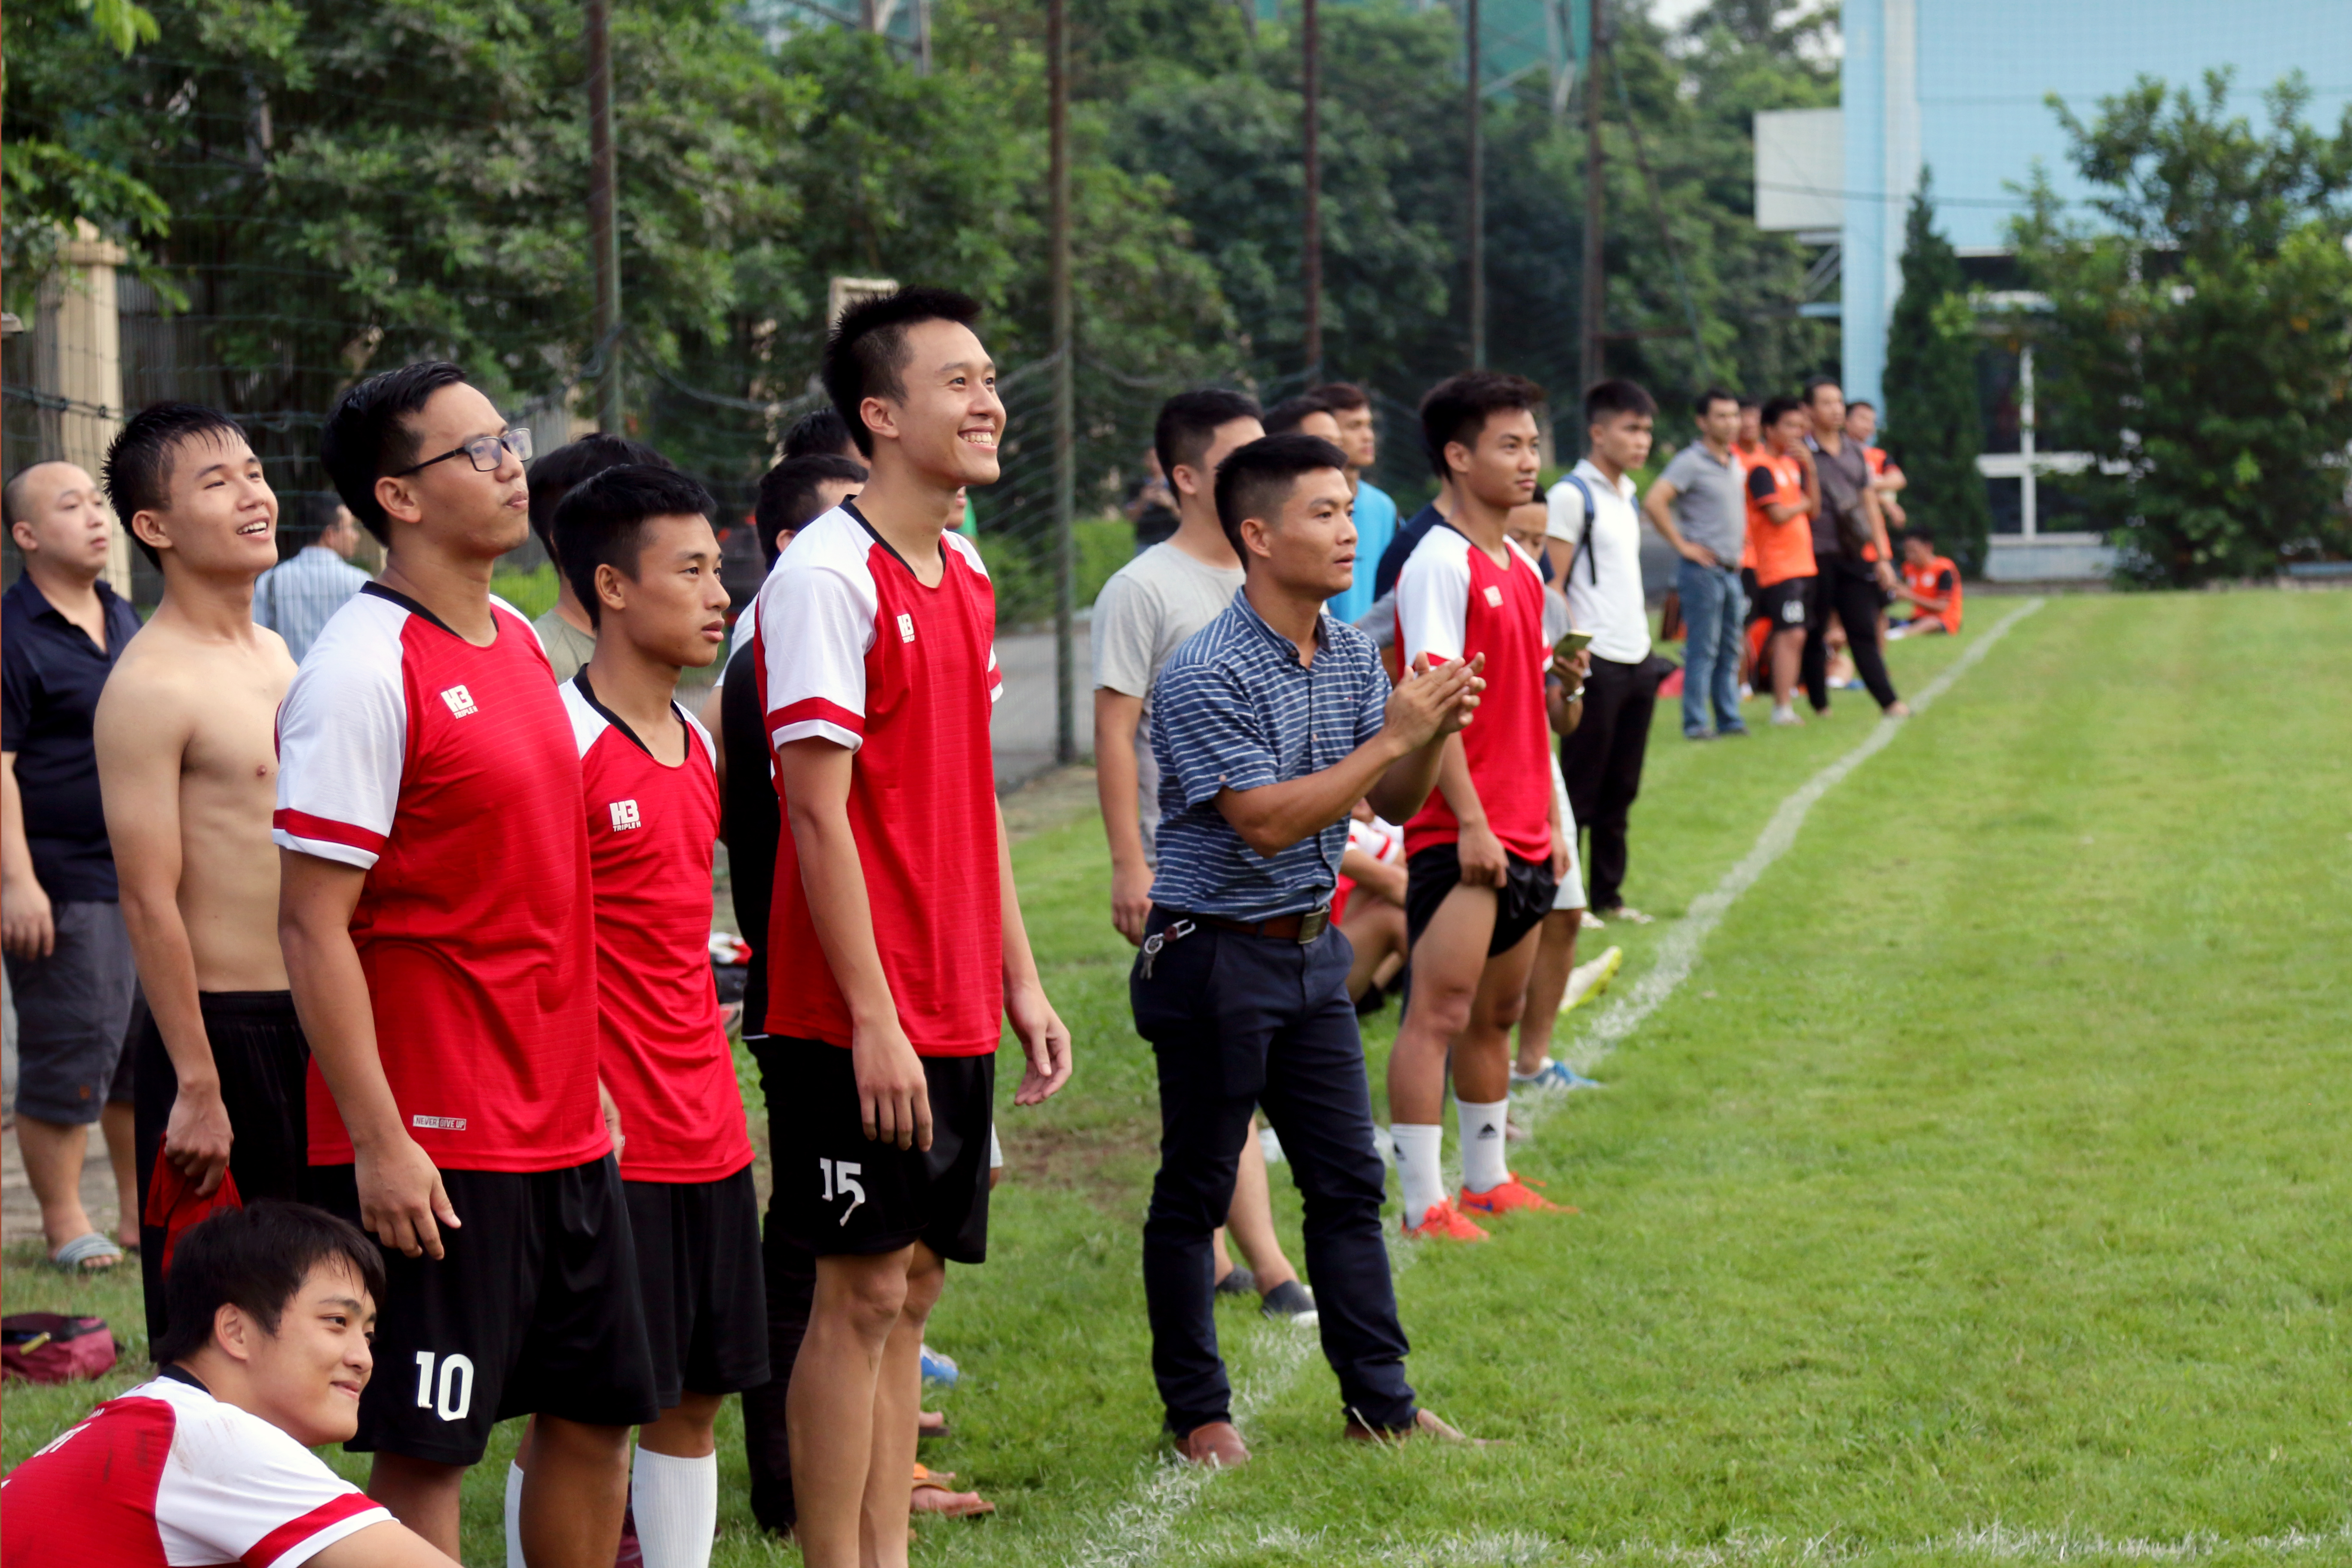 Đội hình cầu thủ, huấn luyện viên kiêm cổ động viên cho đội FPT Software.